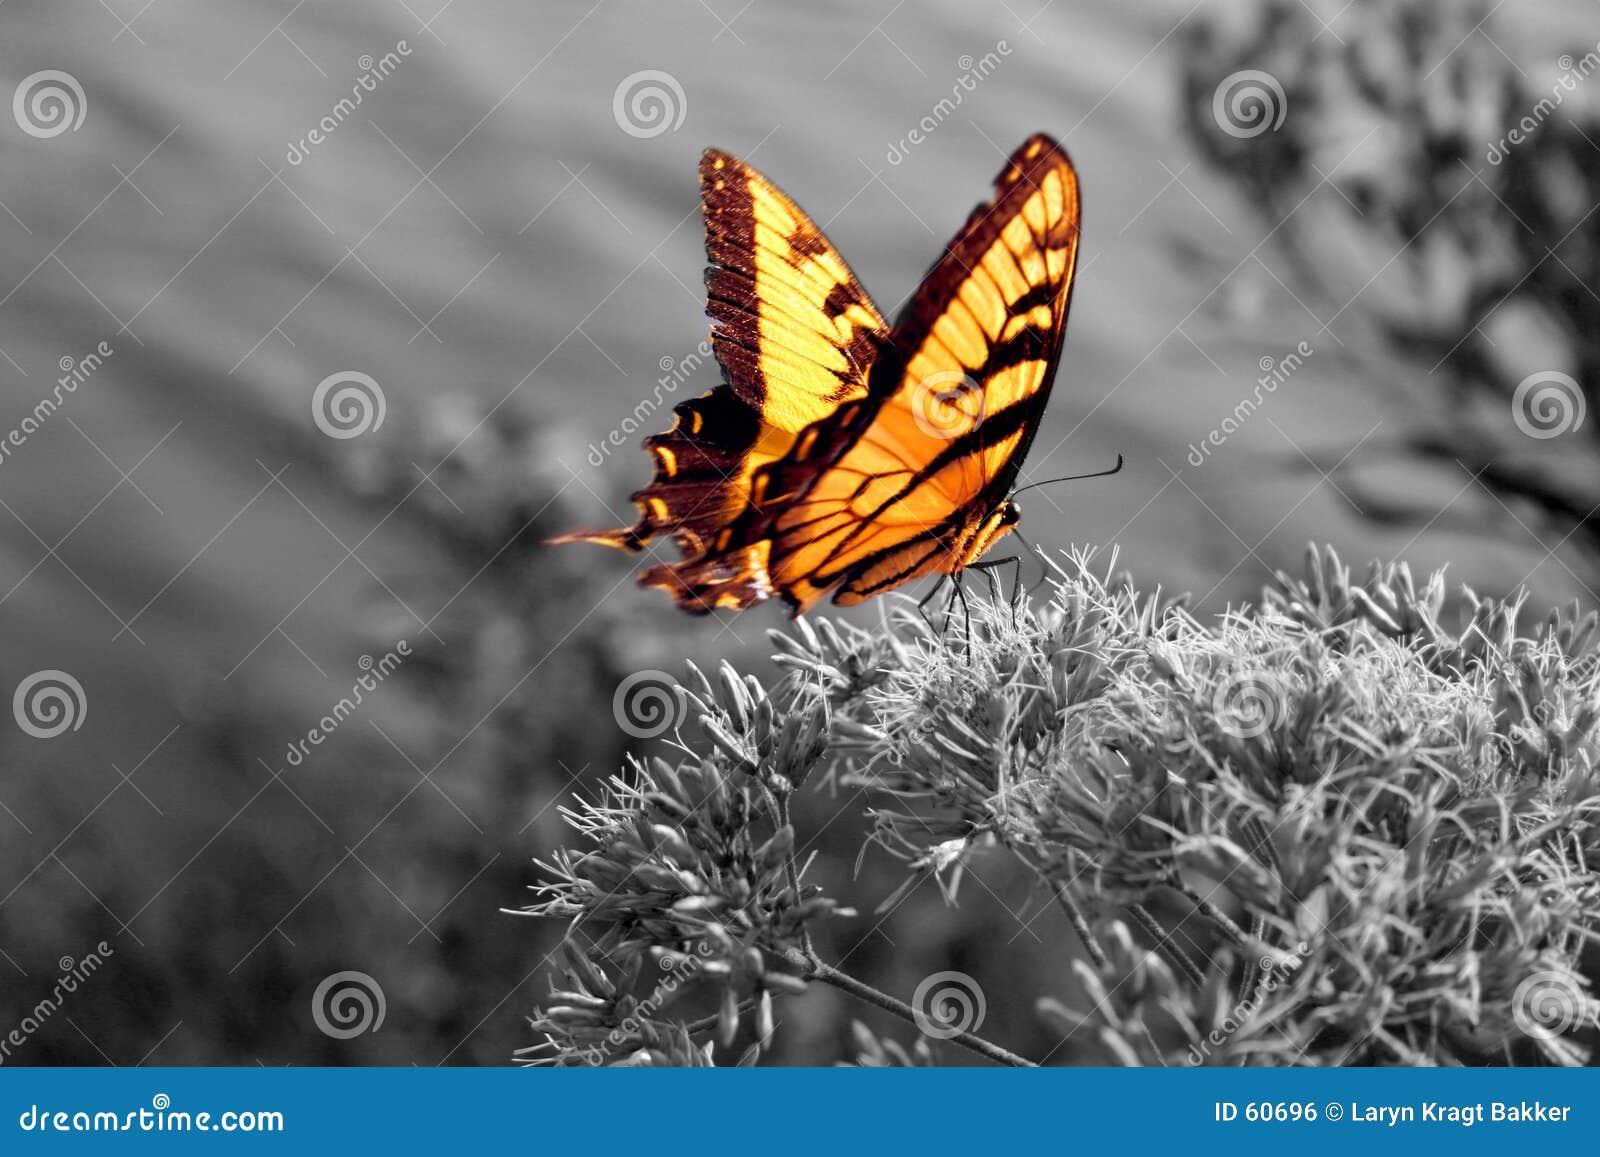 Mariposa vibrante en blanco y negro